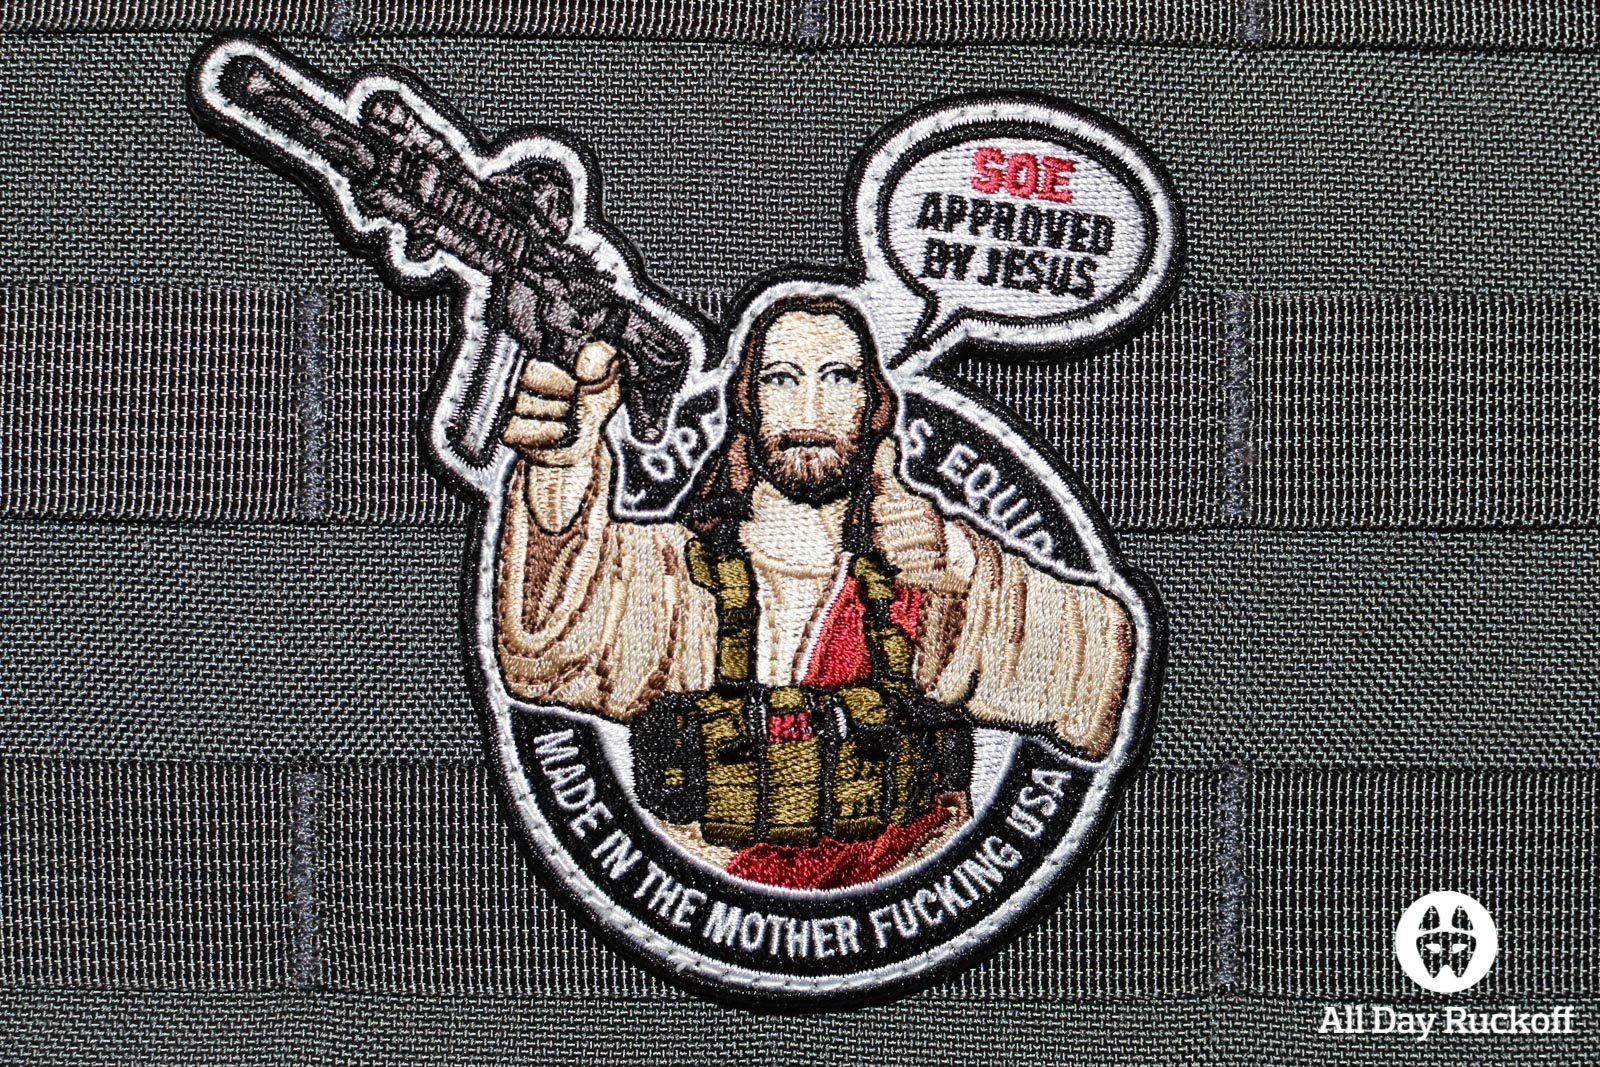 SOE: Jesus